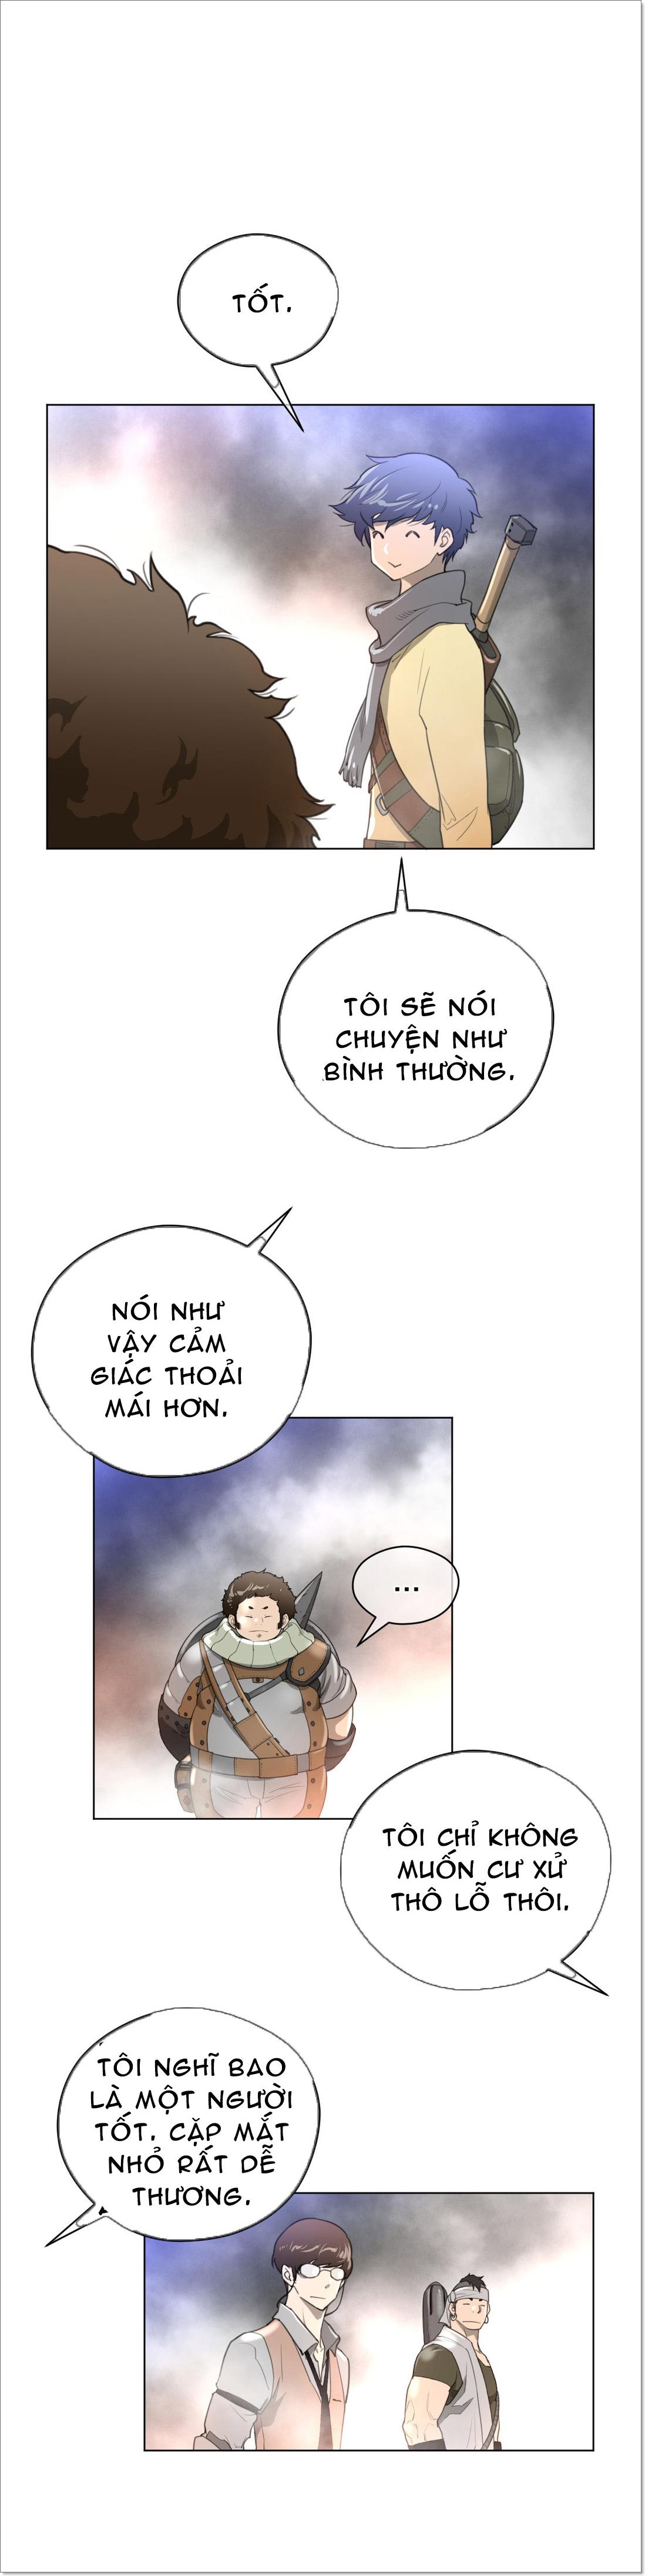 Hắc Lang và Hỏa Hồ Ly Chapter 24 - Trang 18